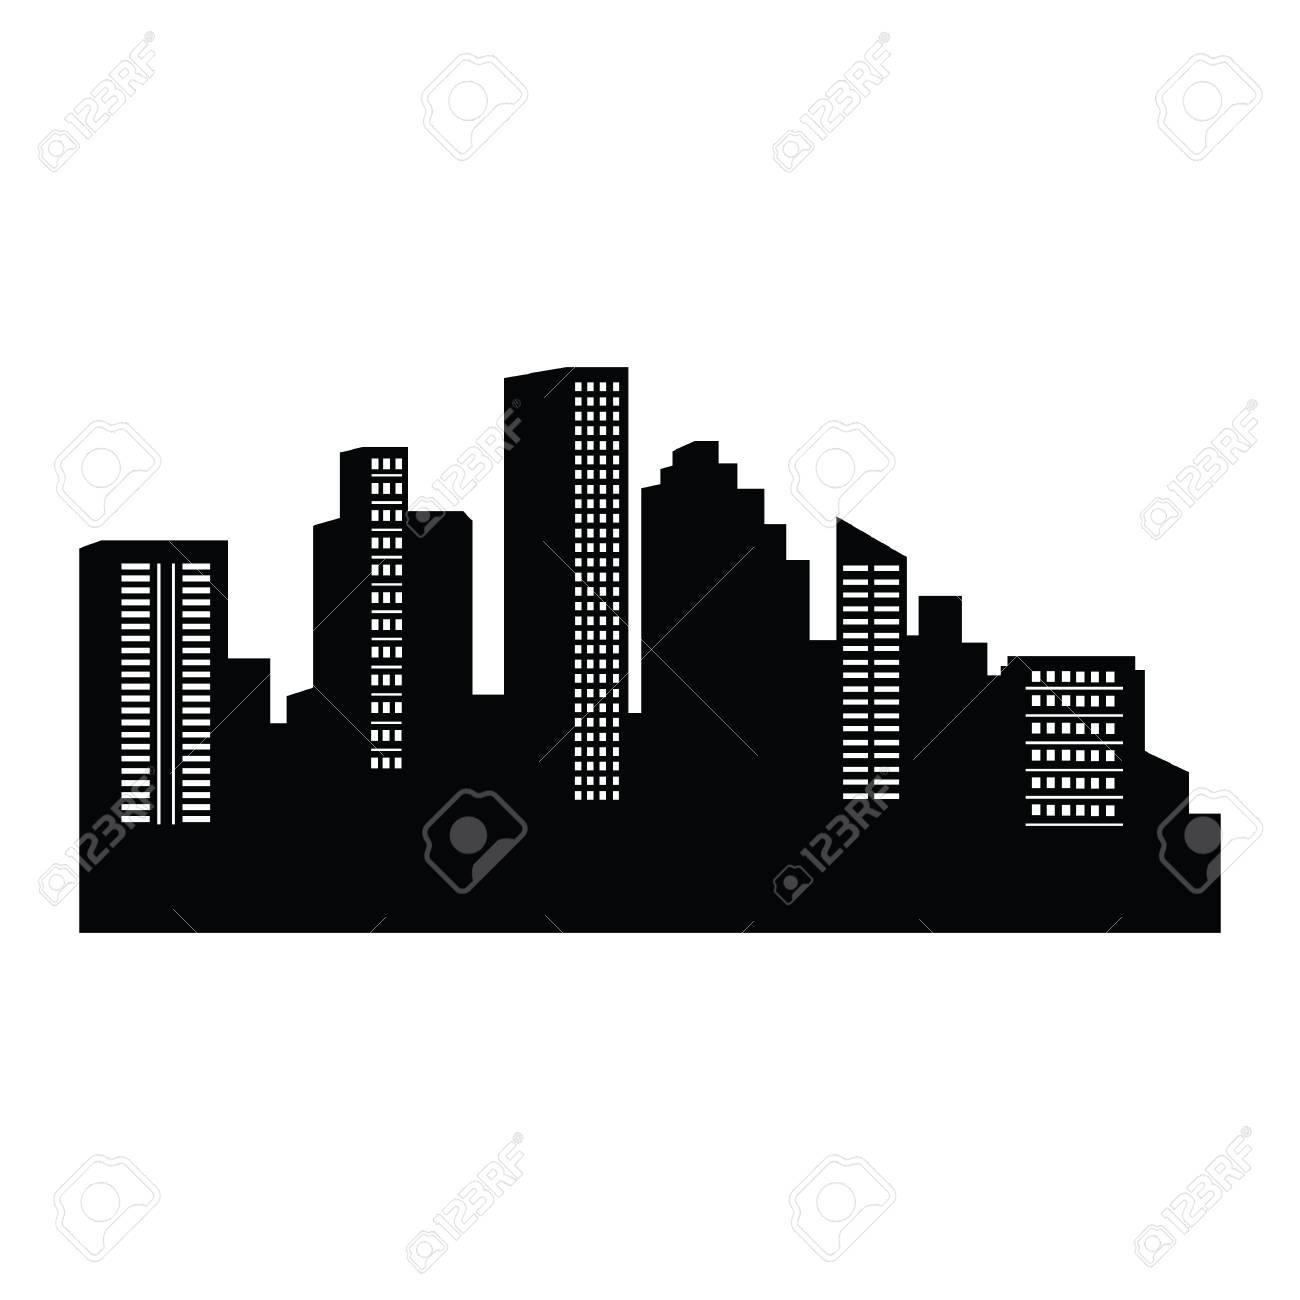 city silhouette rh 123rf com city silhouette vector free download london city silhouette vector